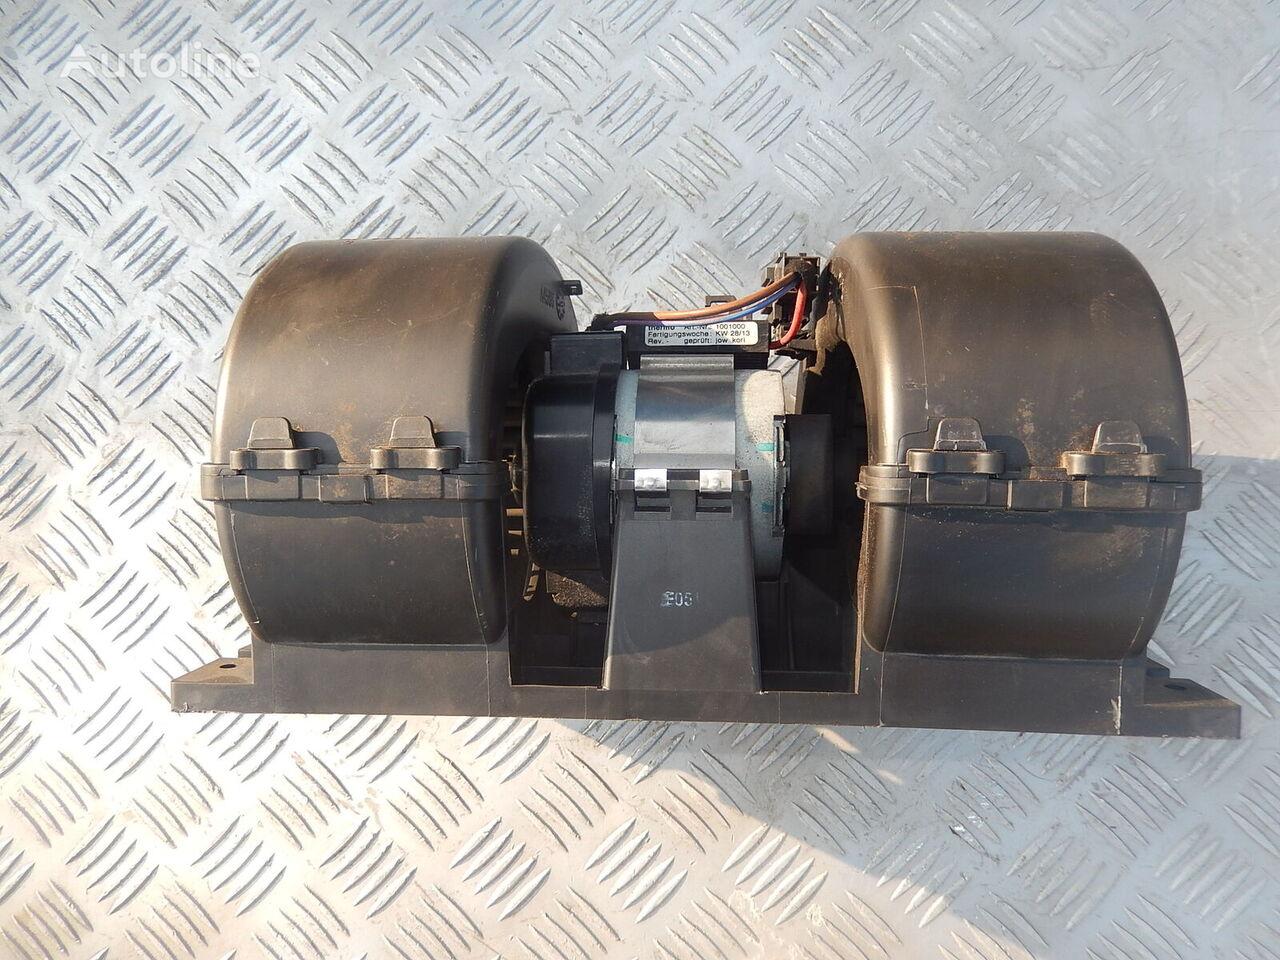 Motoras Aeroterma MAN (1001000) otra pieza del sistema de combustible para MAN TGS tractora